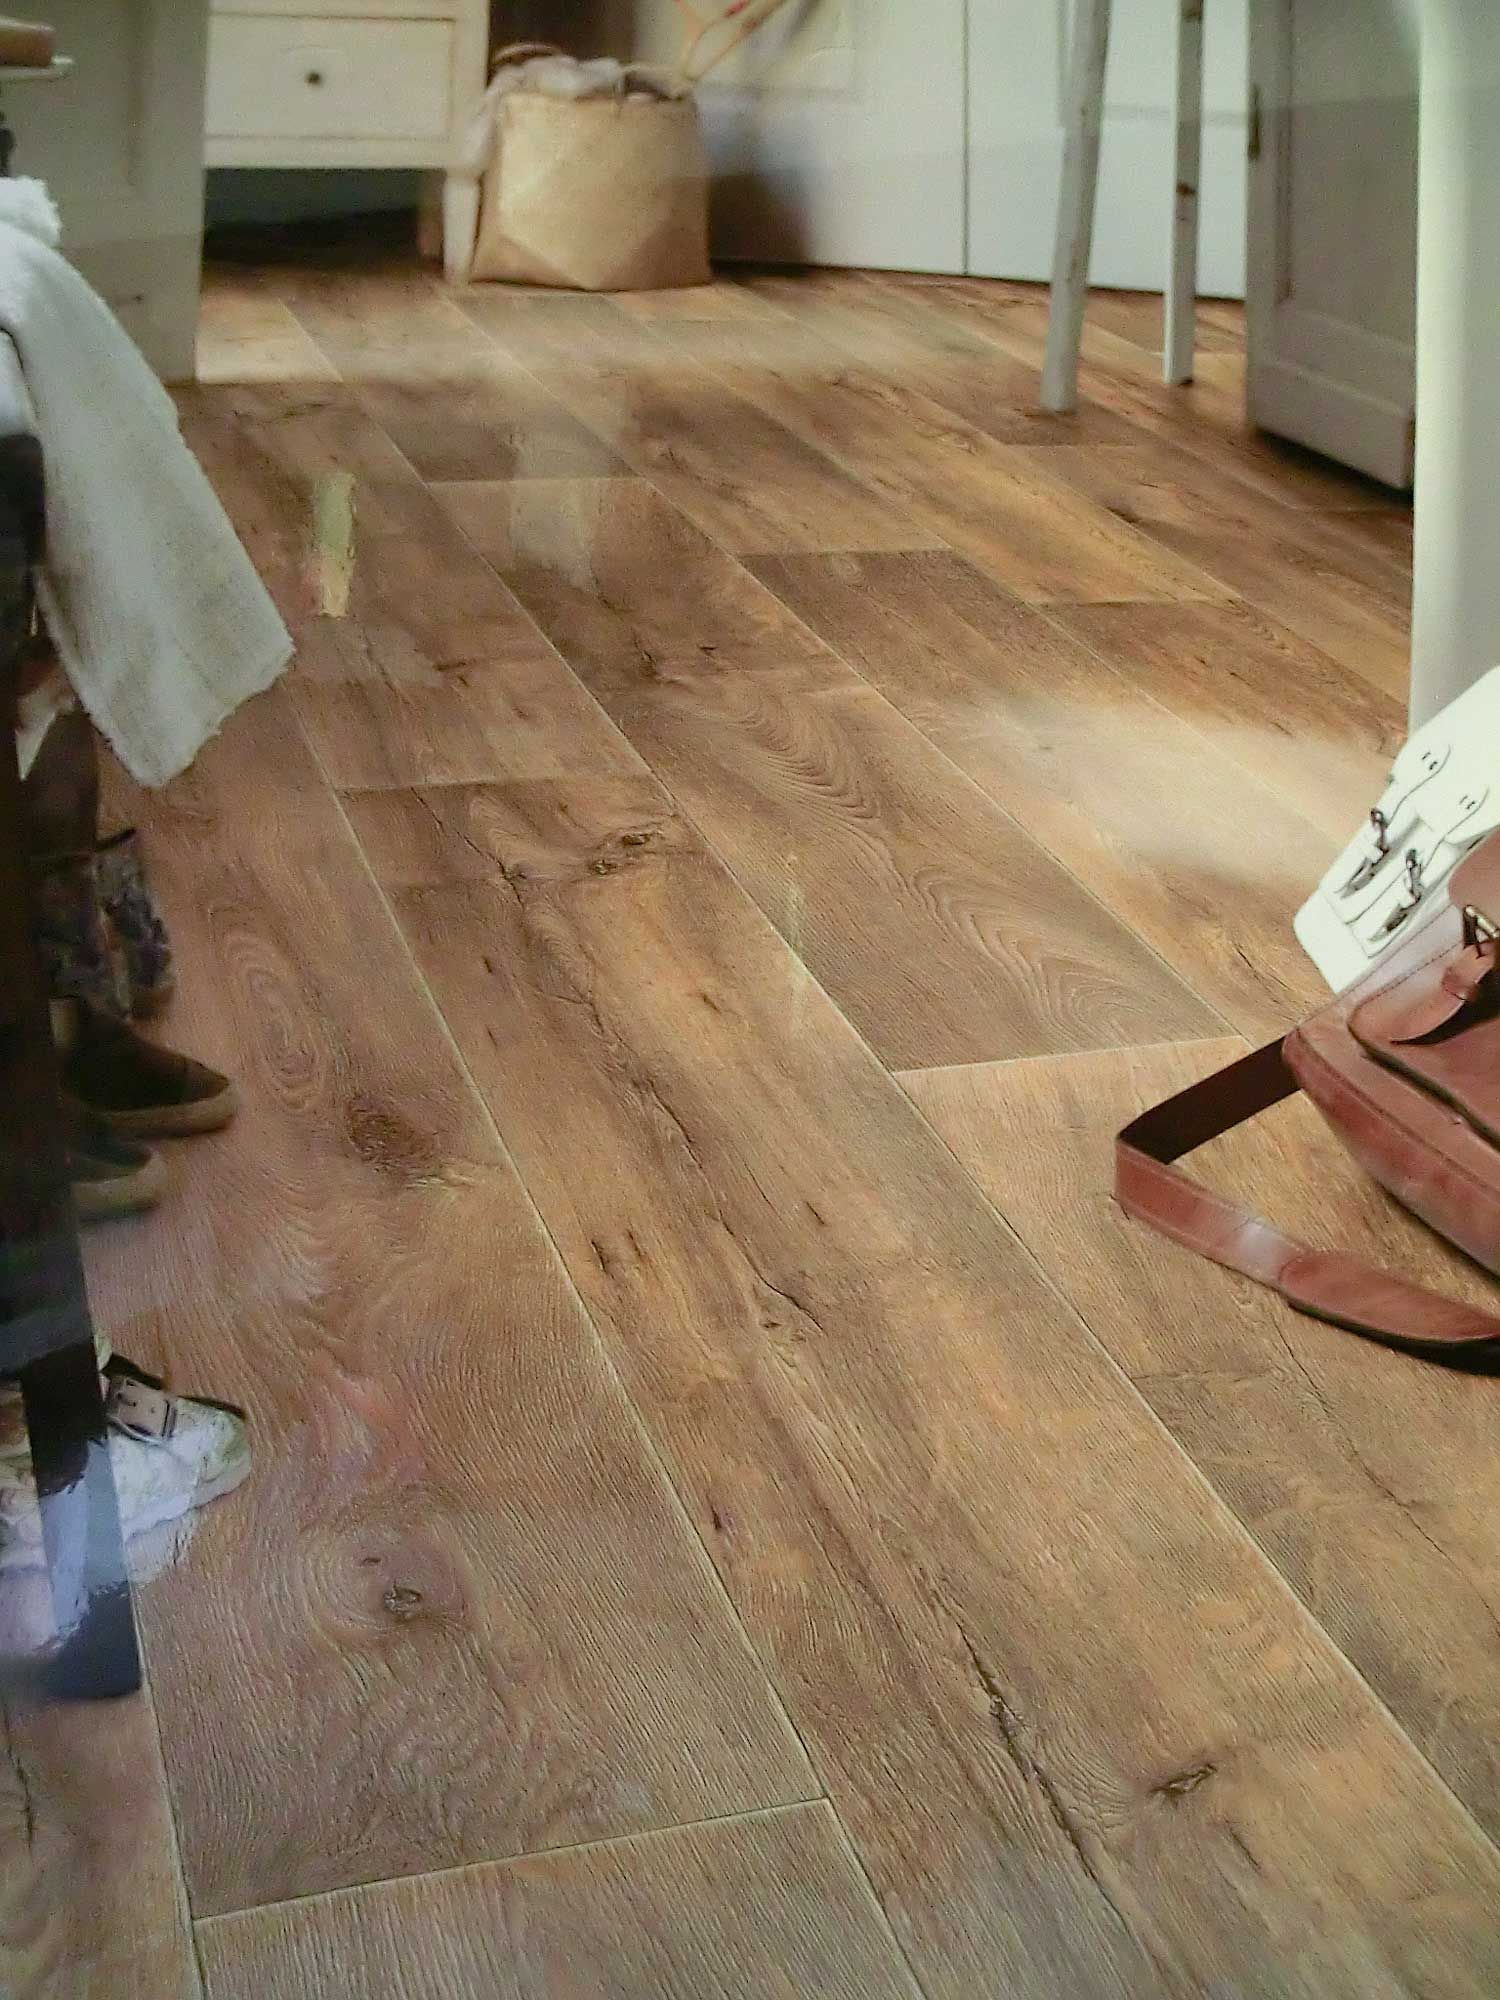 Schön Pvc Bodenbelag Holzoptik Planken Pvc Bodenbelag